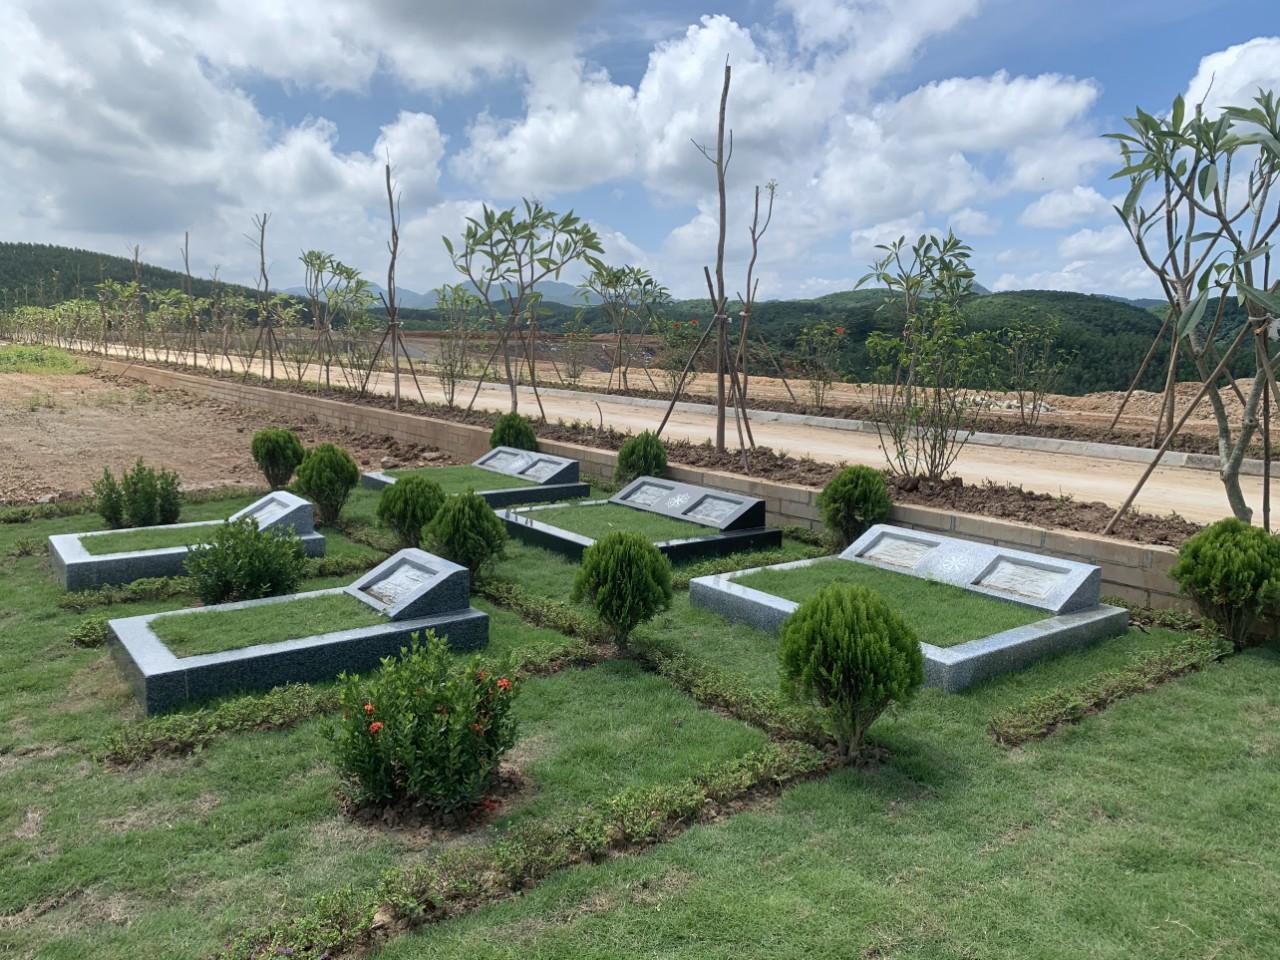 Mẫu mộ khu vực Viên Long